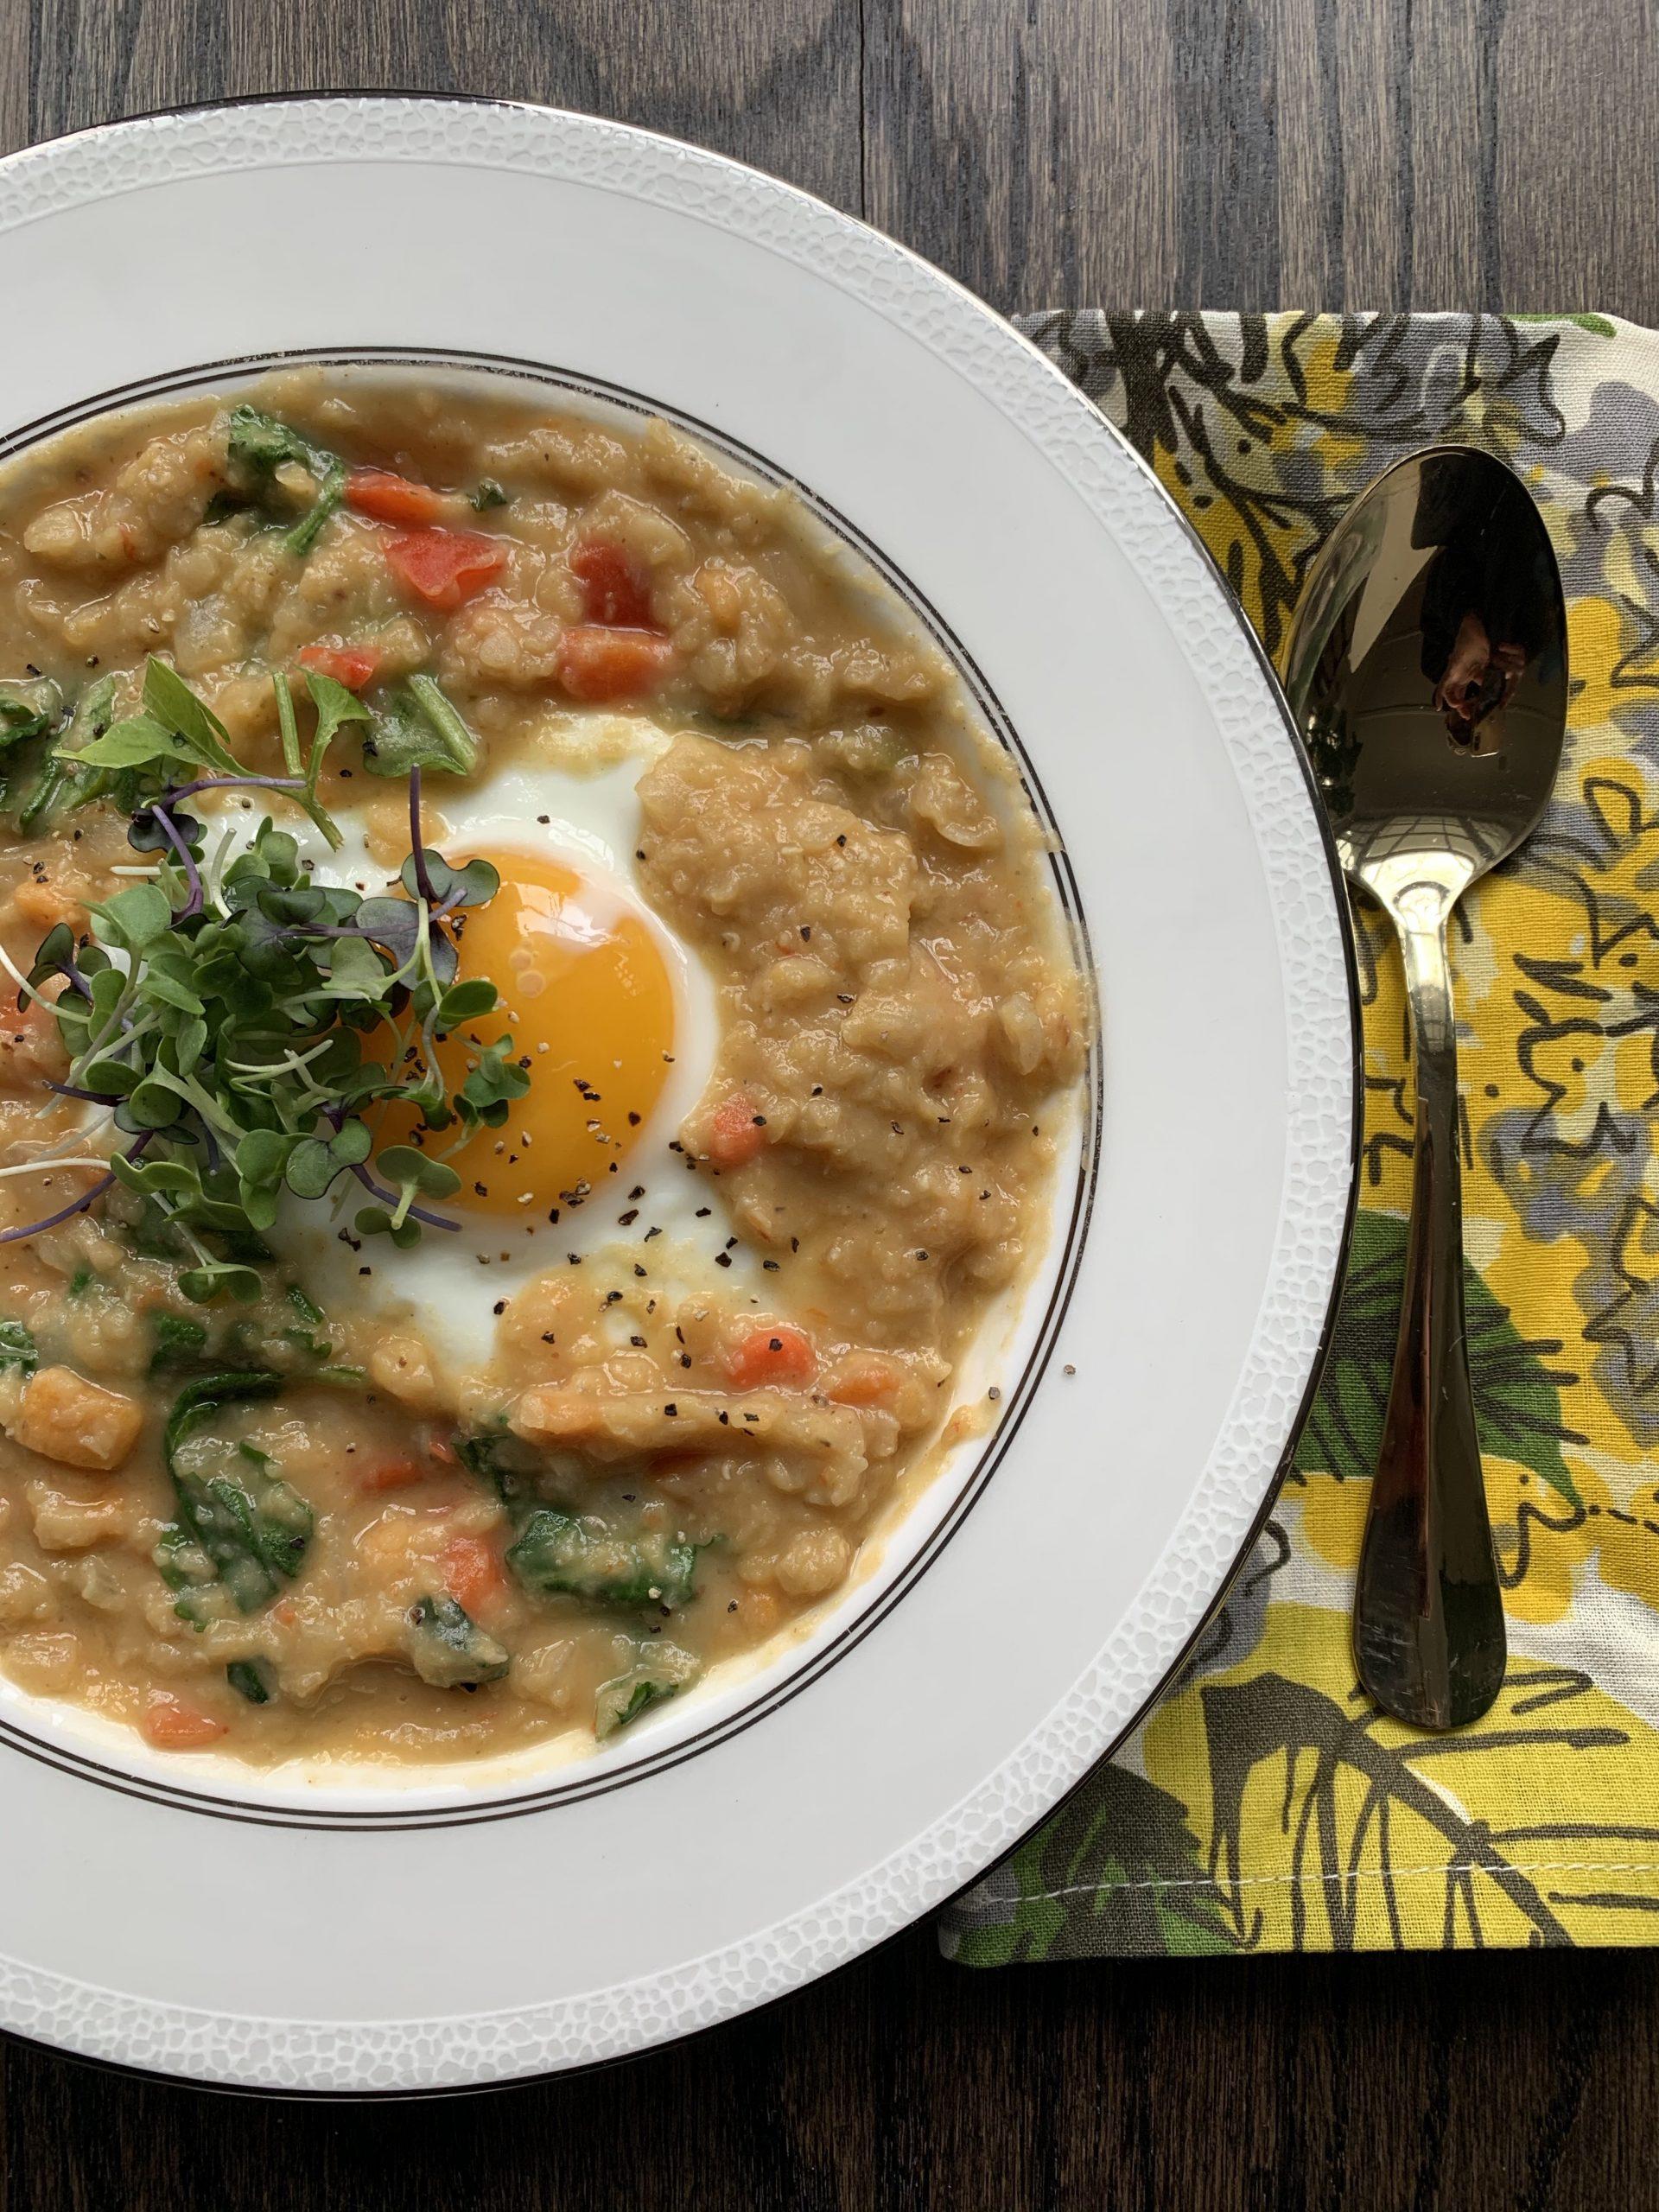 Lentil & Vegetable Soup